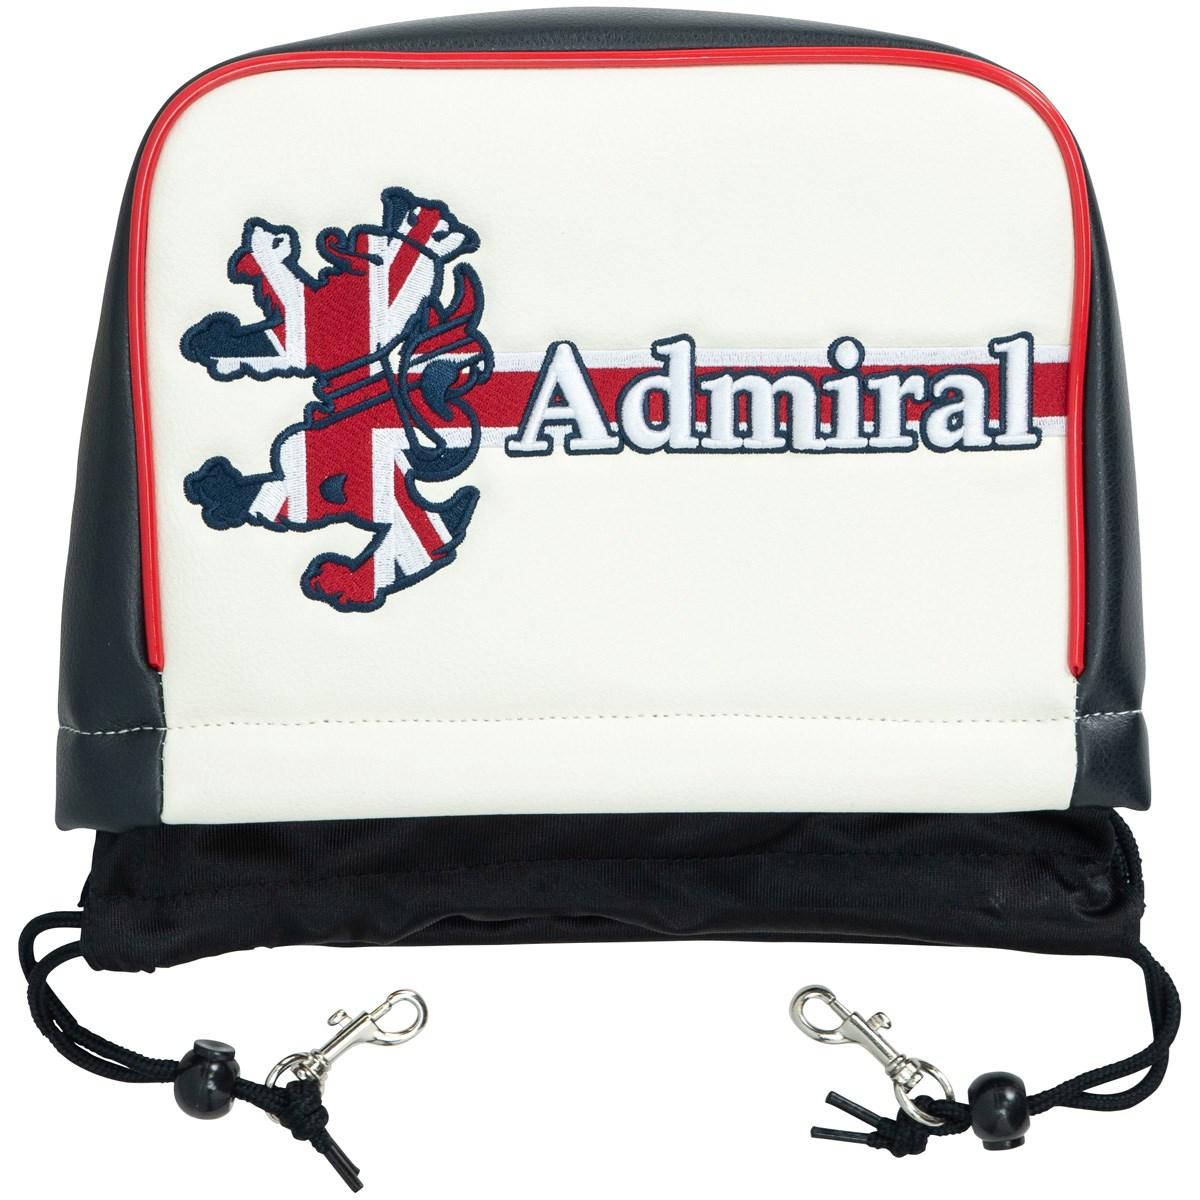 アドミラル Admiral スポーツ モデル アイアンカバー トリコロール 90